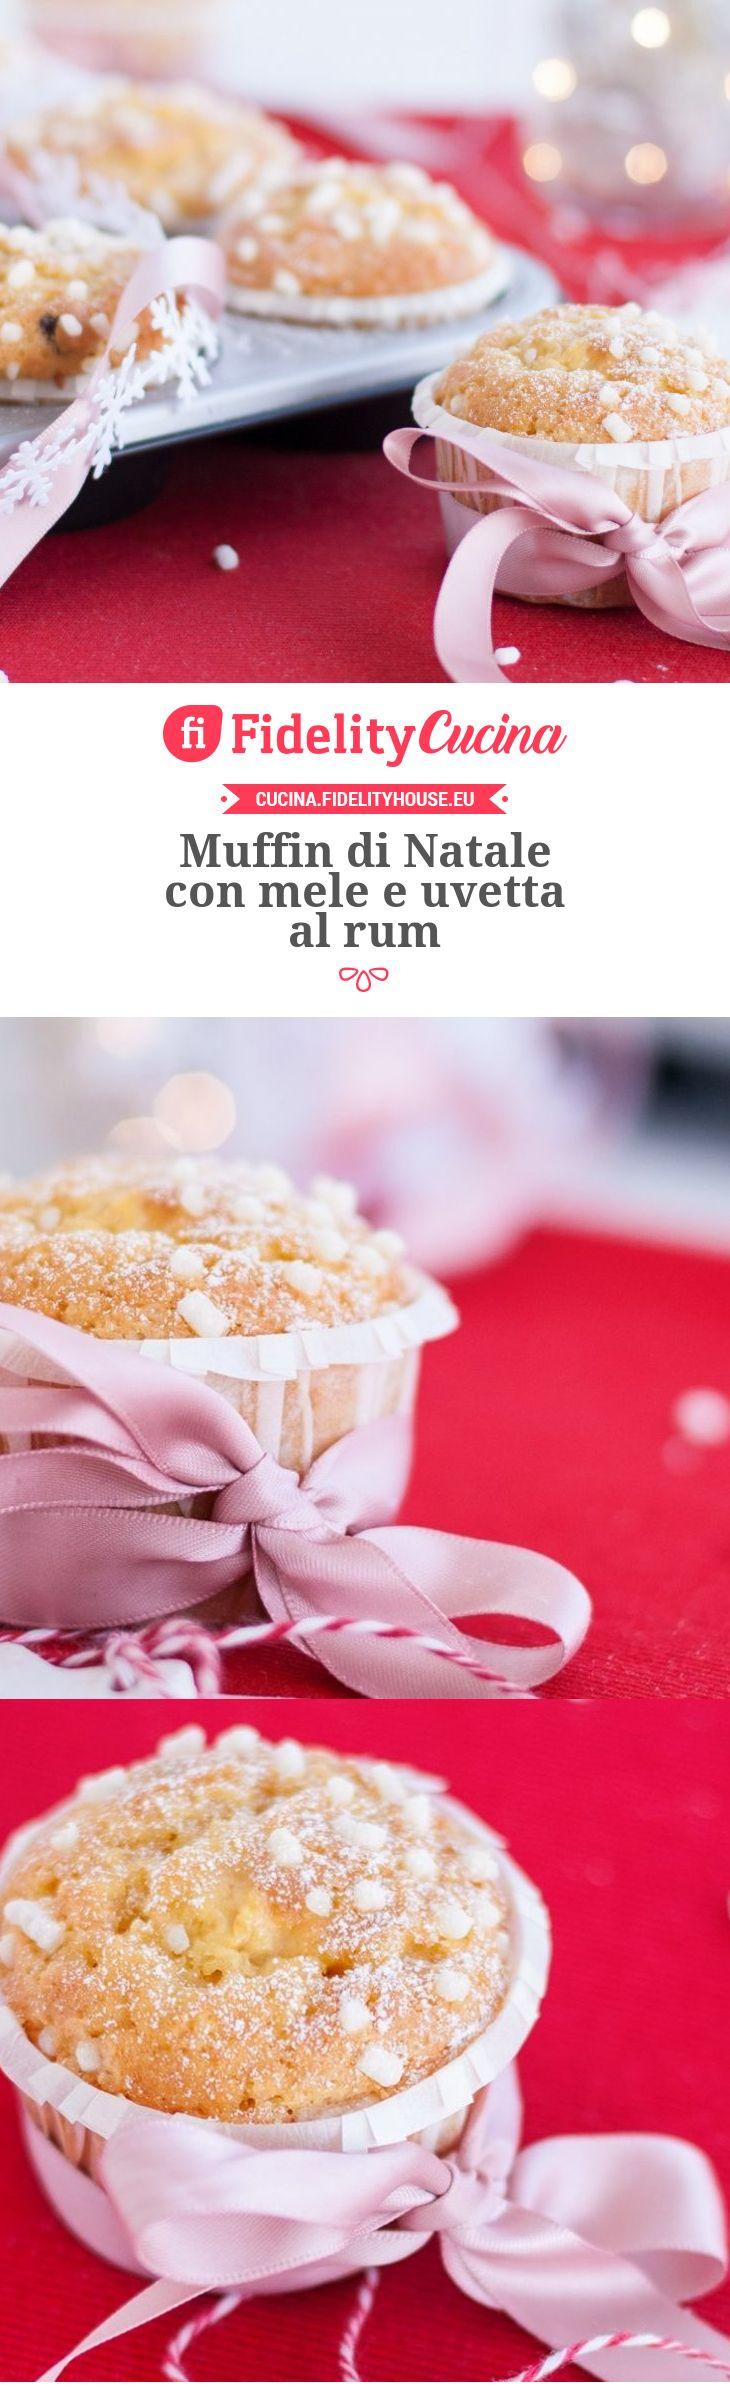 Muffin di Natale con mele e uvetta al rum